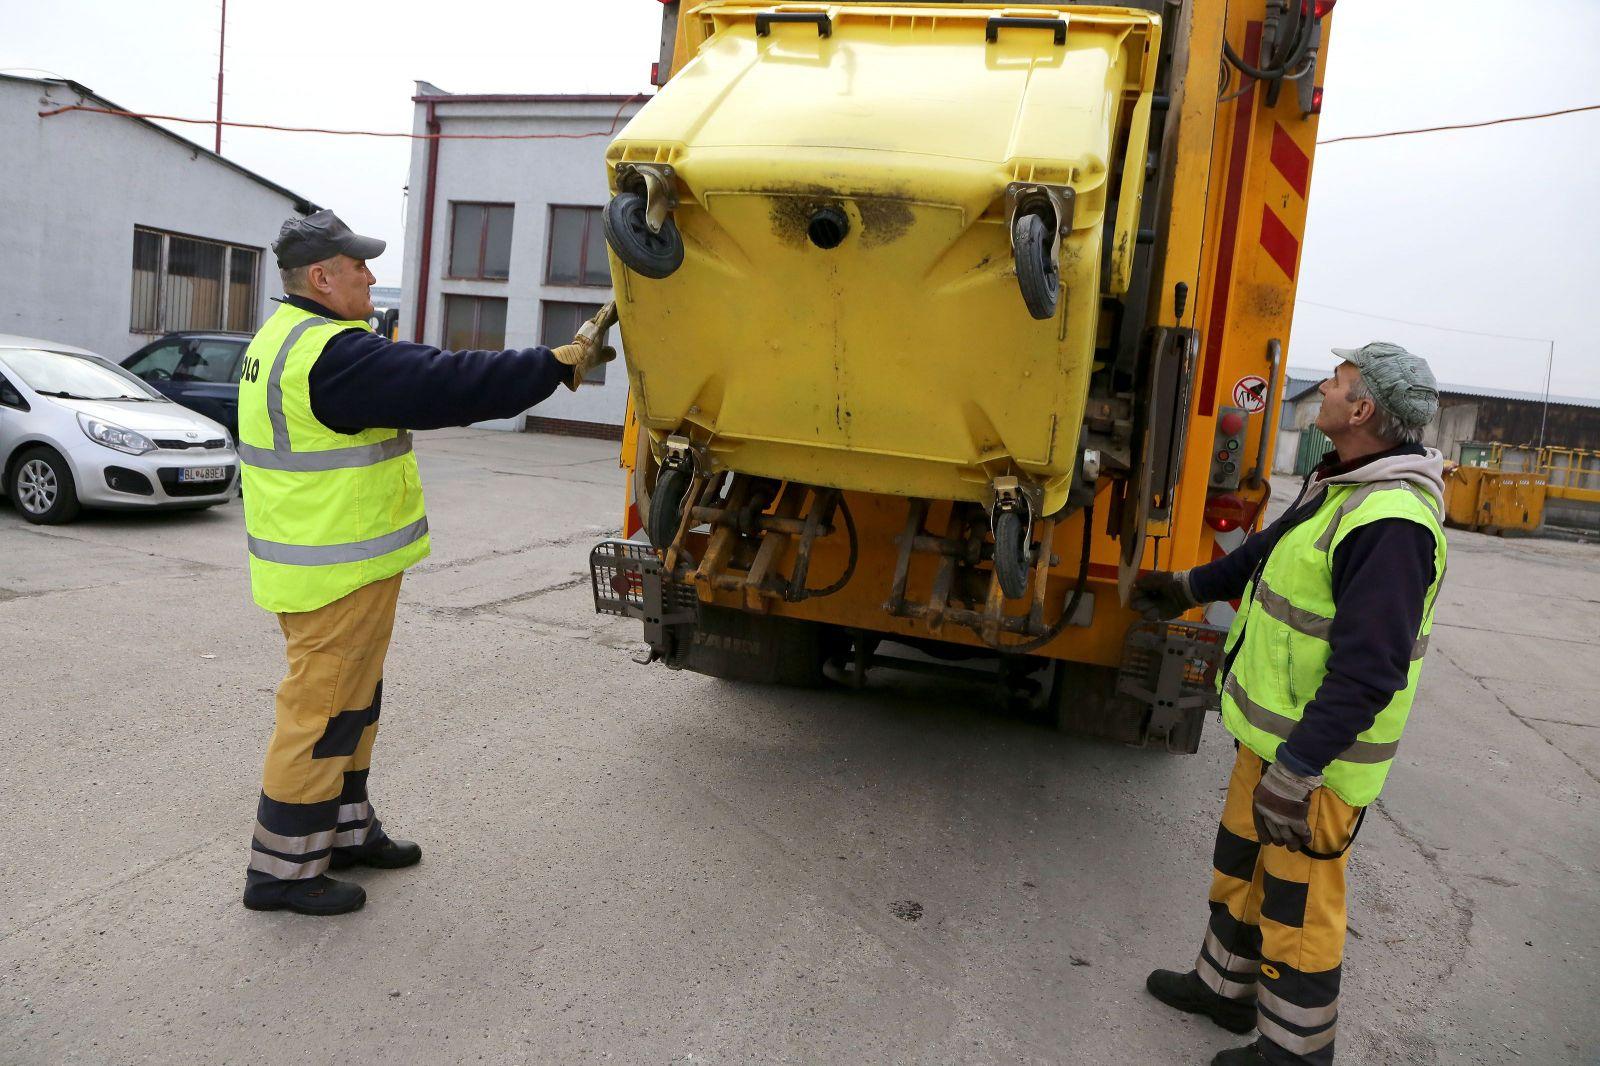 Bratislavský smetiari zarábajú takmer 1400 eur: Noví smetiari dostanú po týždni svalovicu, nevedia sa pohnúť (Rozhovor)